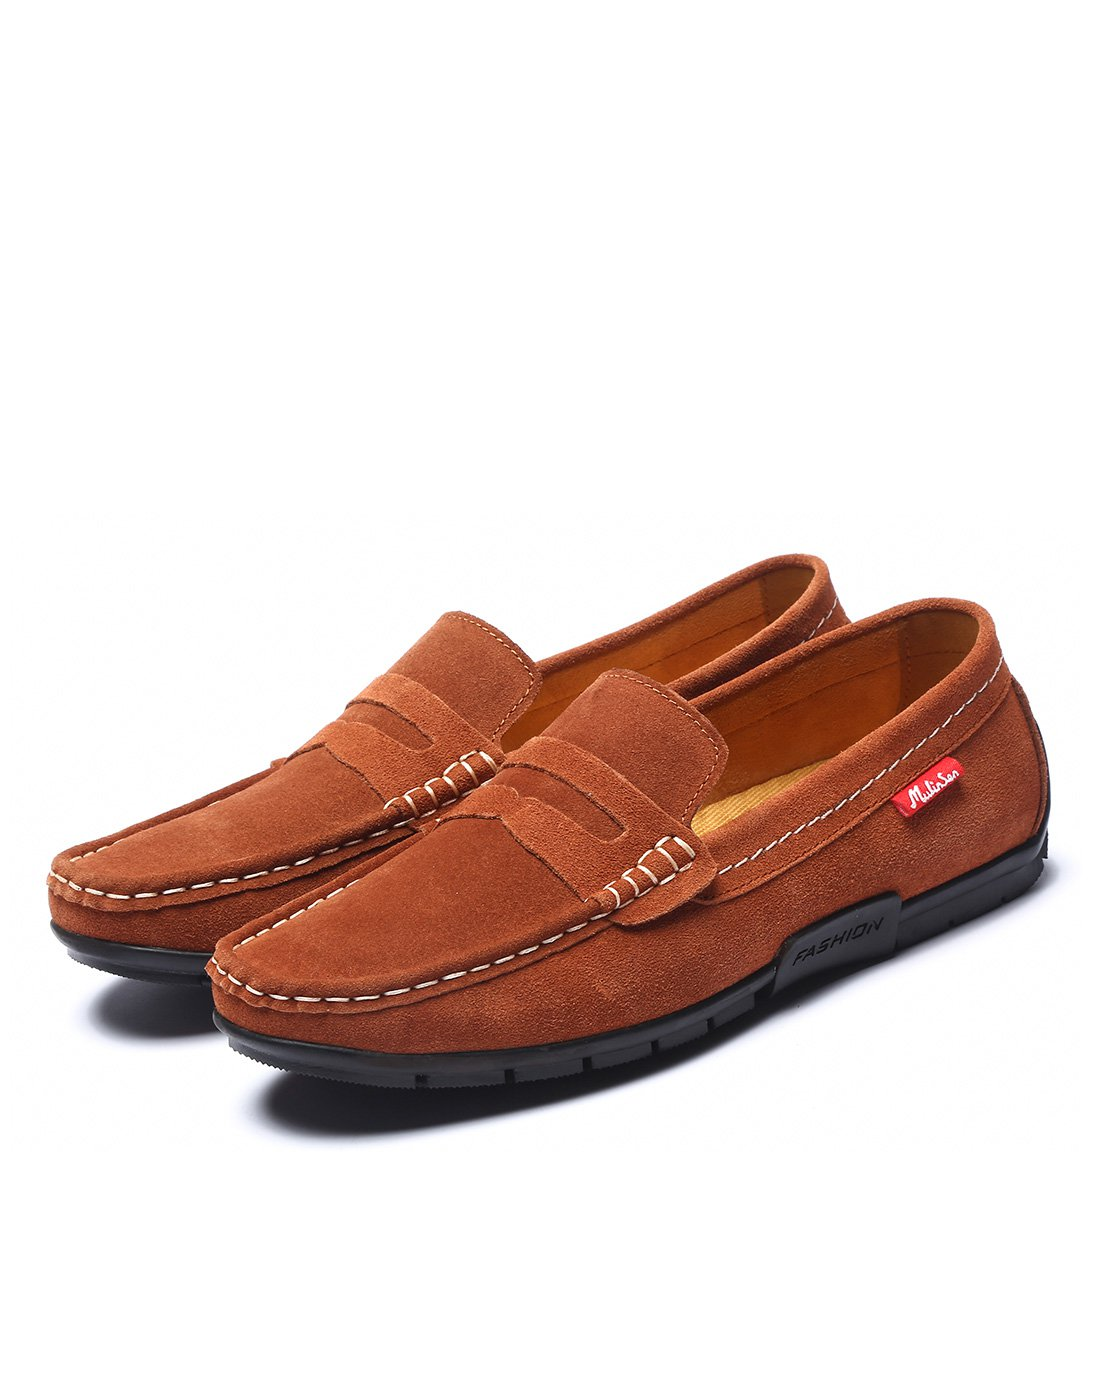 木林森休闲时尚 男士反绒套脚轻便驾车鞋Q31873741